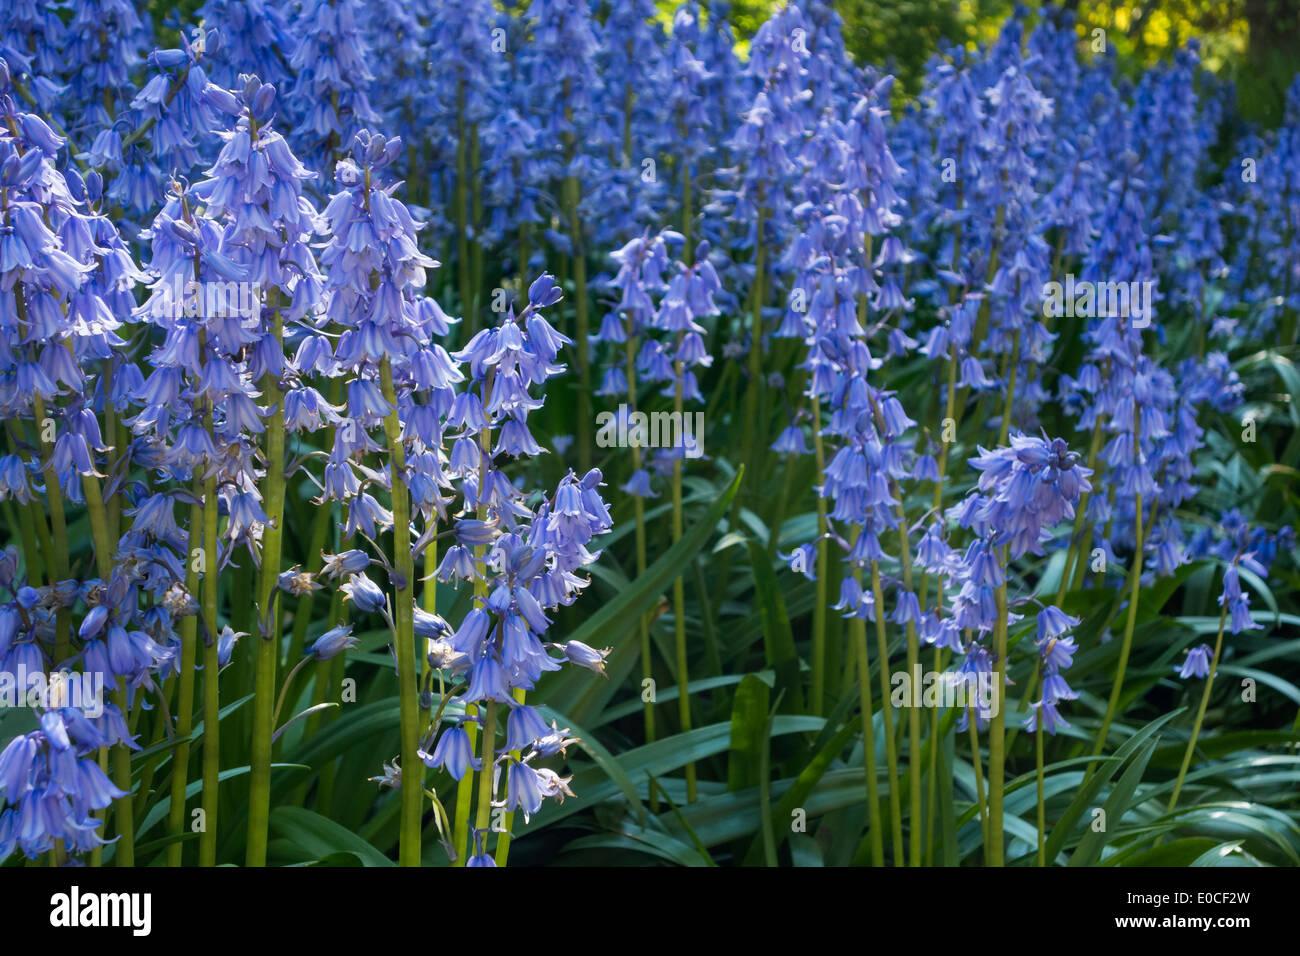 Spanische blaue Glockenblumen Glocken Hyazinthen Hyacinthoides Hispanica in Wald Wald. Jetzt als invasive Art in Großbritannien. Stockbild